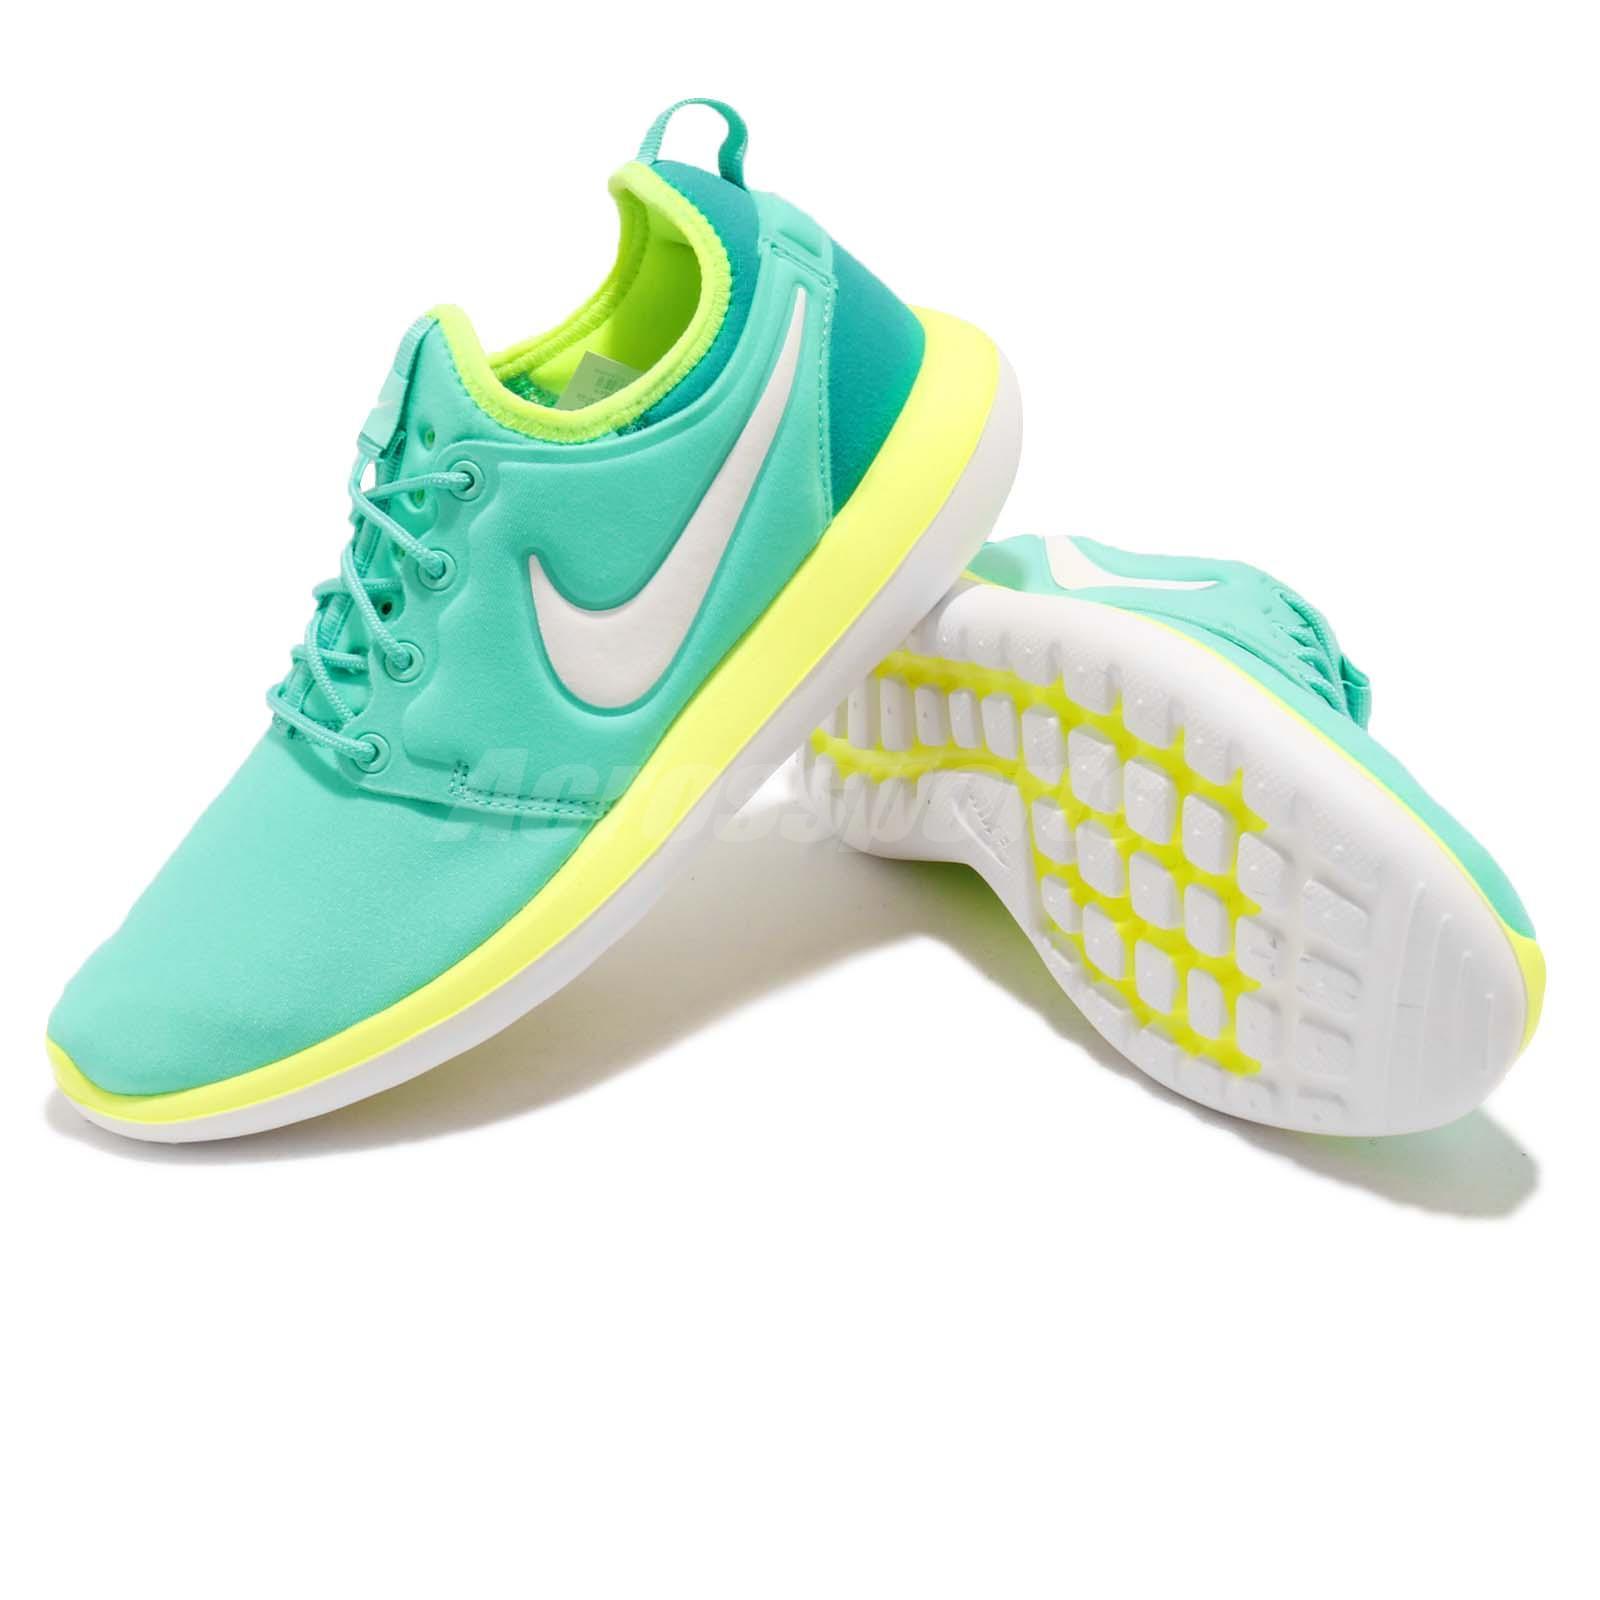 info for a3217 0d461 Nike Roshe Two 2 GS Hyper Turquoise White Kids Girls Boys Women ...